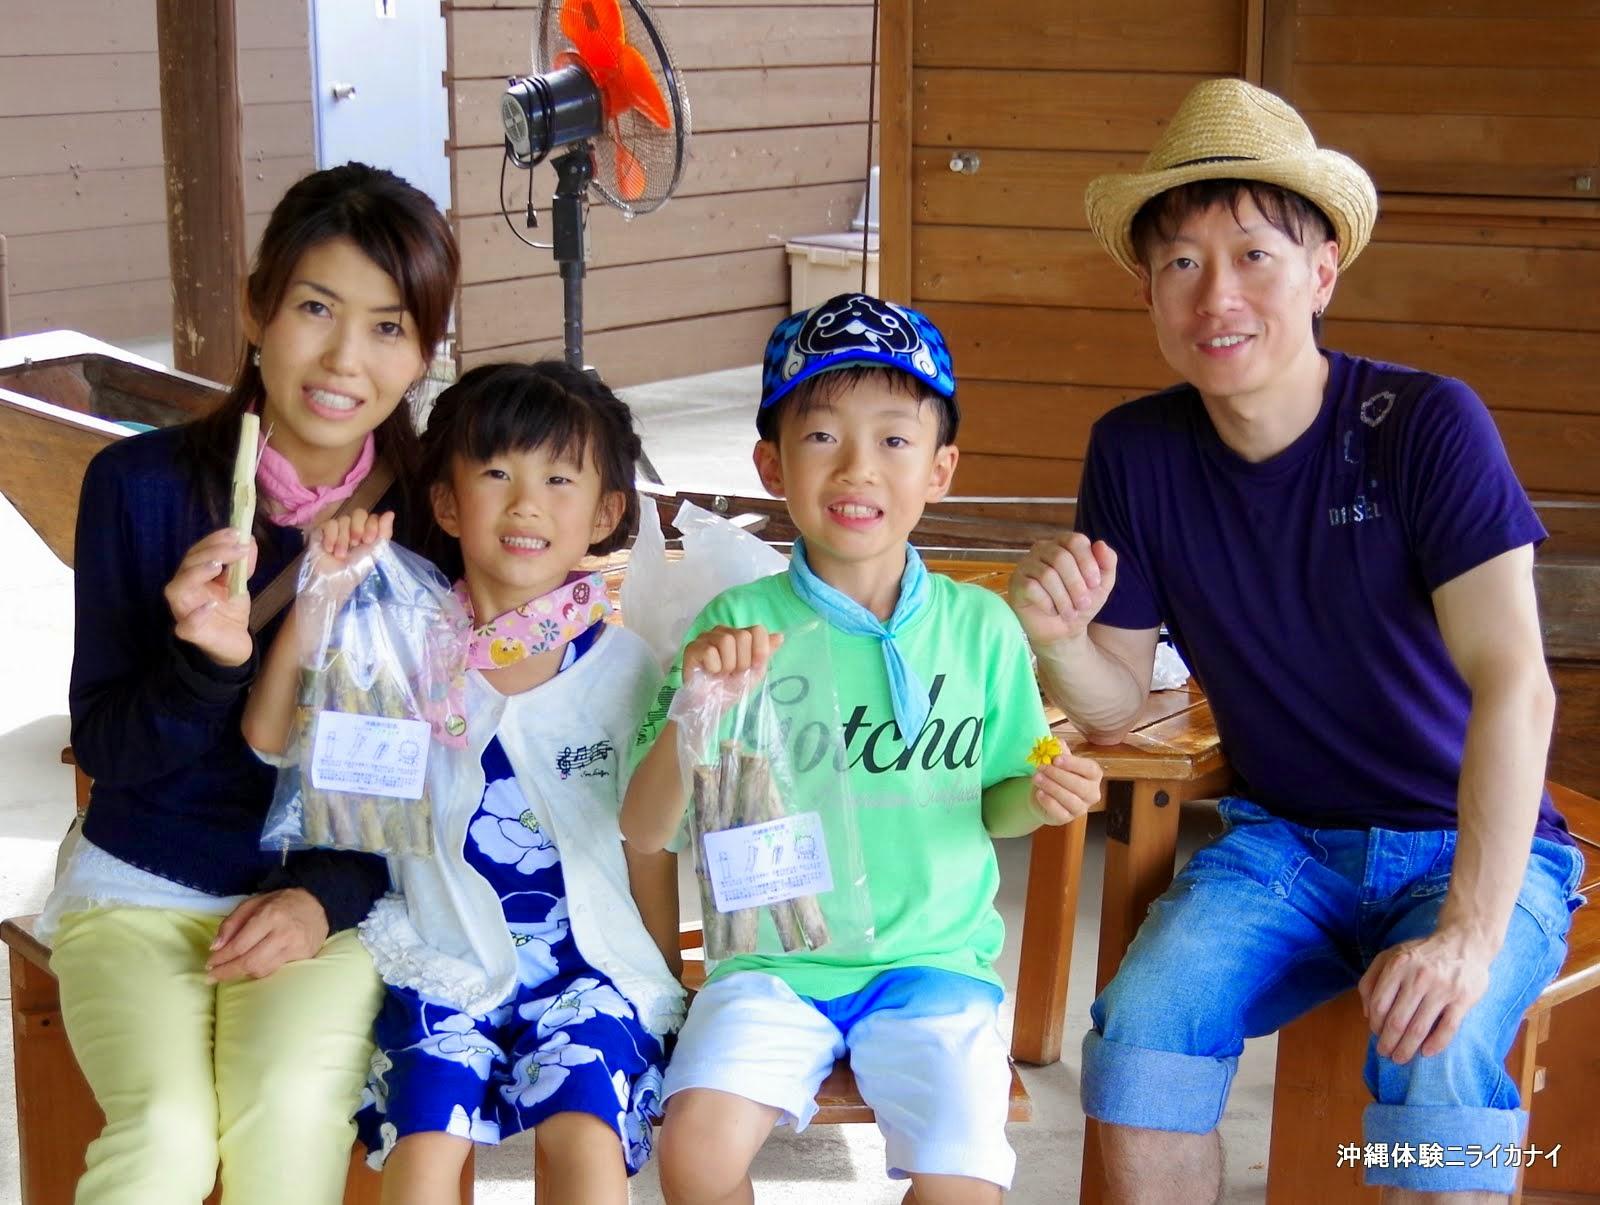 体験/観光 サトウキビ 夏休み 沖縄家族旅行 自由研究